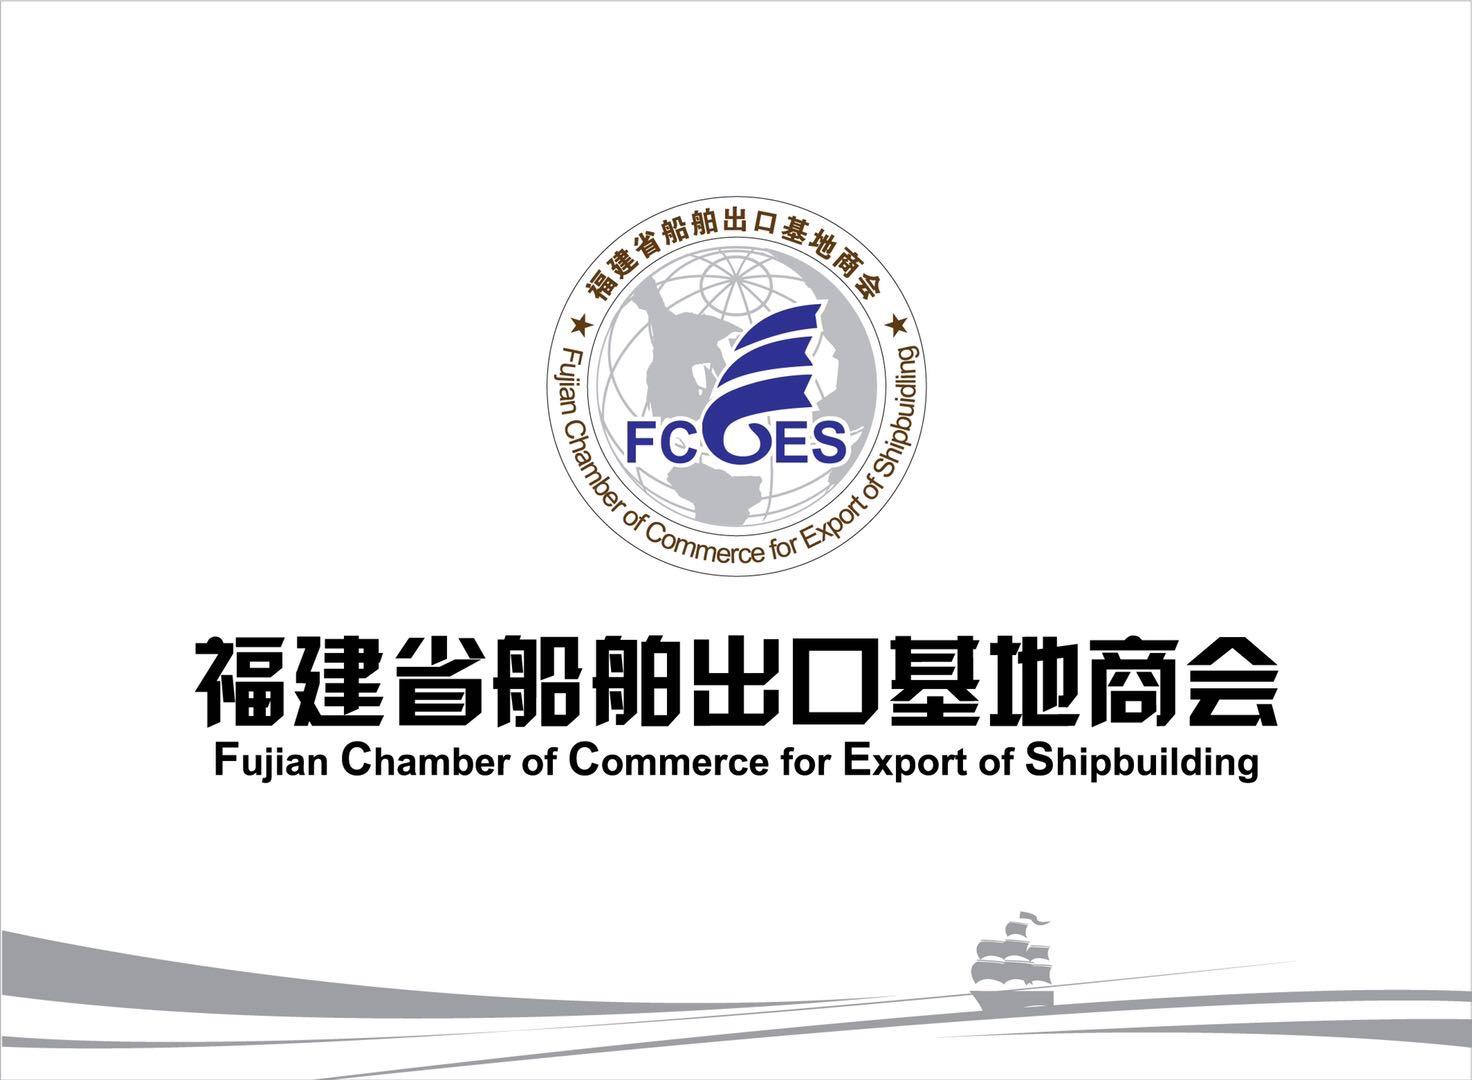 福建省船舶出口基地商会